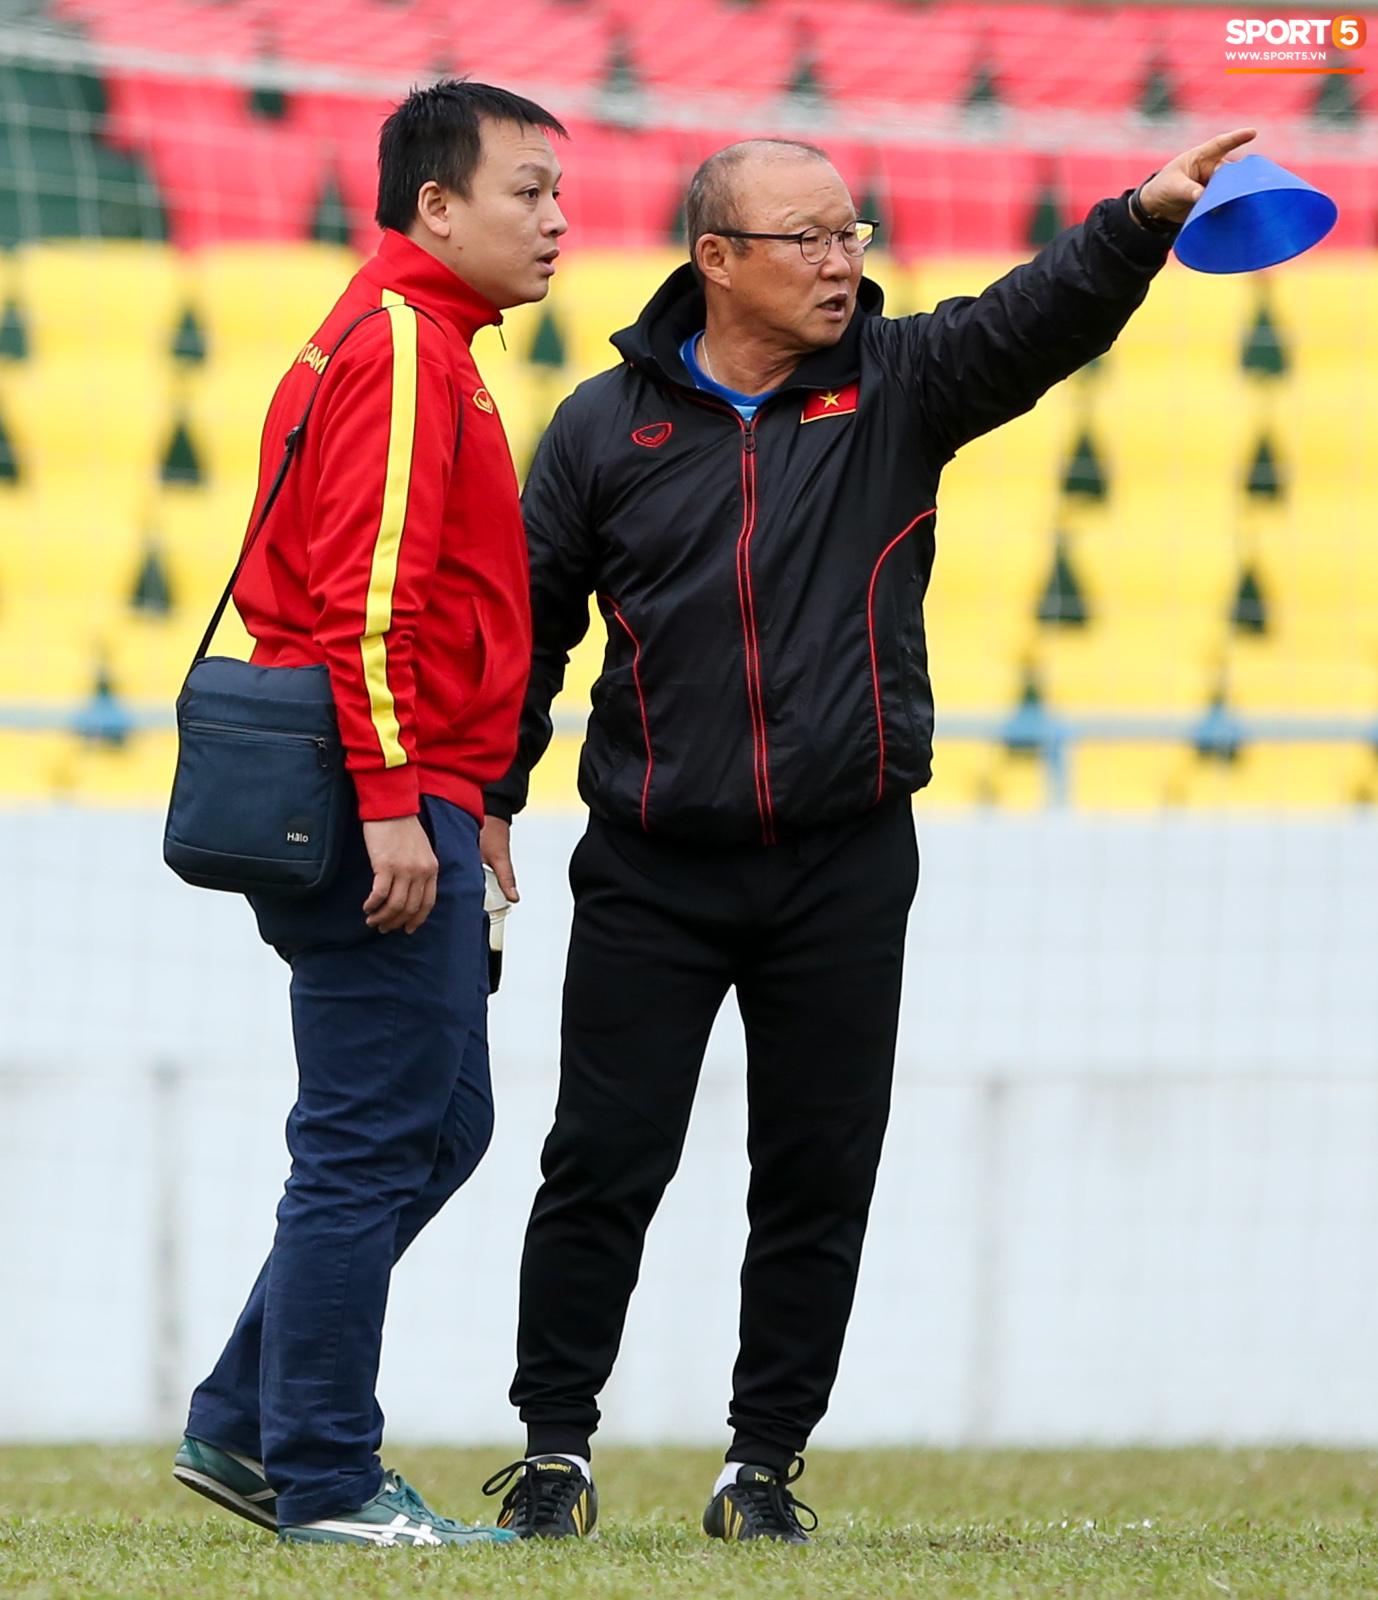 """HLV Park Hang-seo phàn nàn khi phát hiện """"ổ gà"""" ở sân đấu của tuyển Việt Nam - Ảnh 4."""